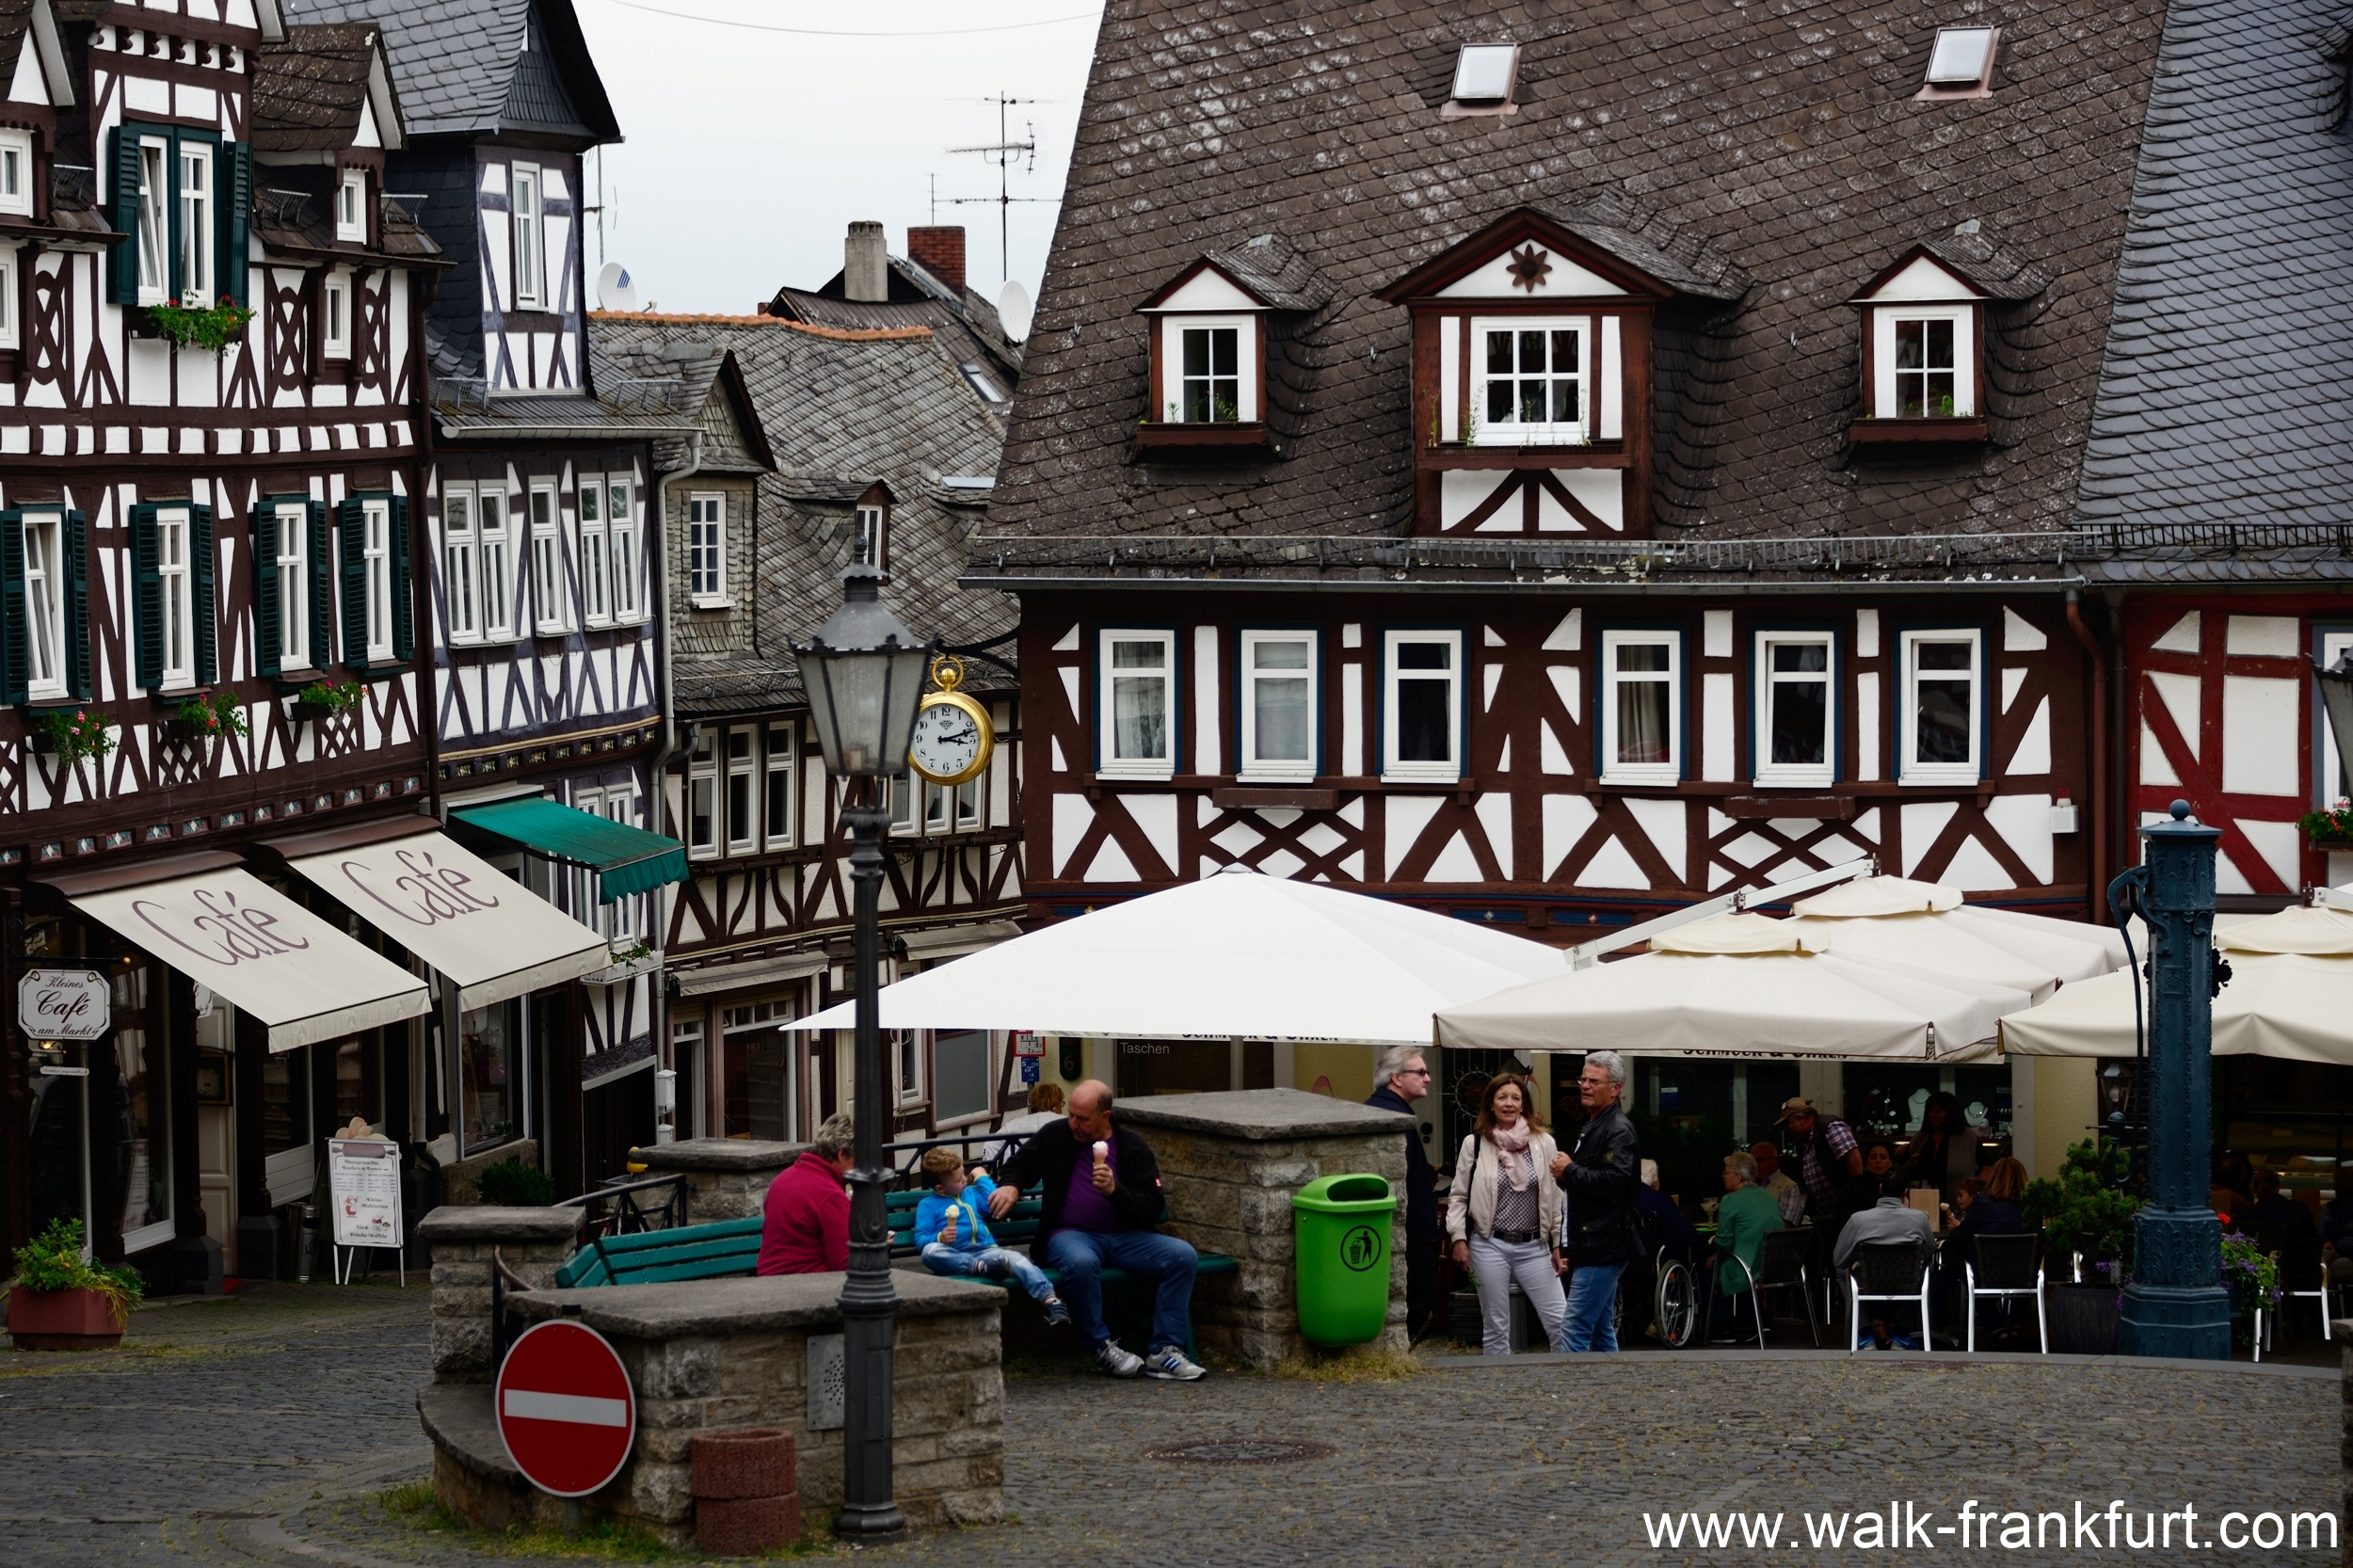 Braunfels Marktplatz